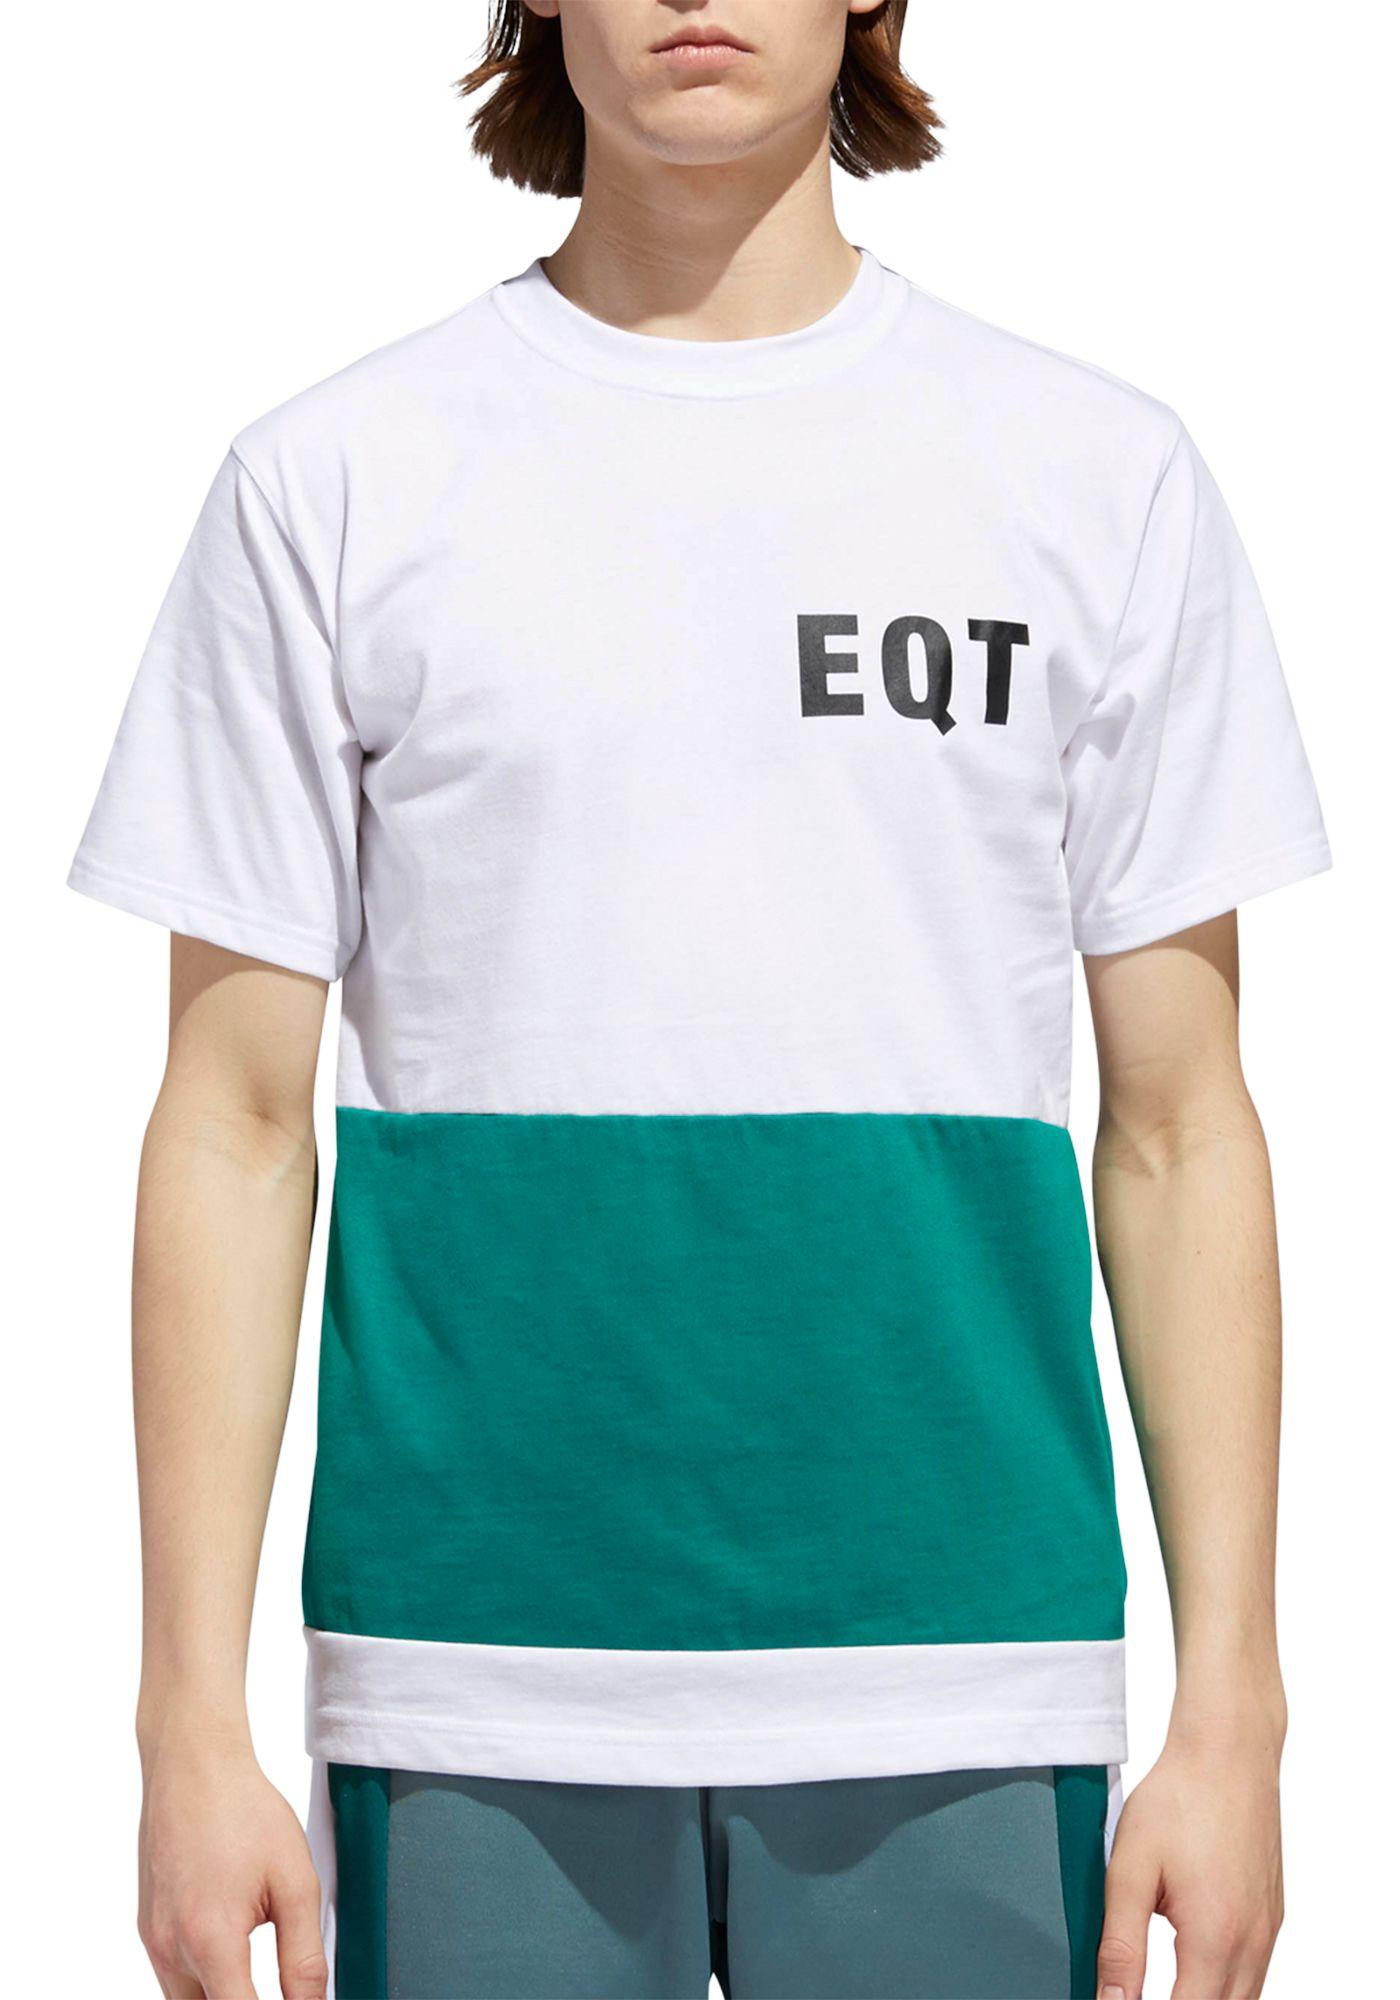 adidas Originals Men's EQT Graphic T-Shirt